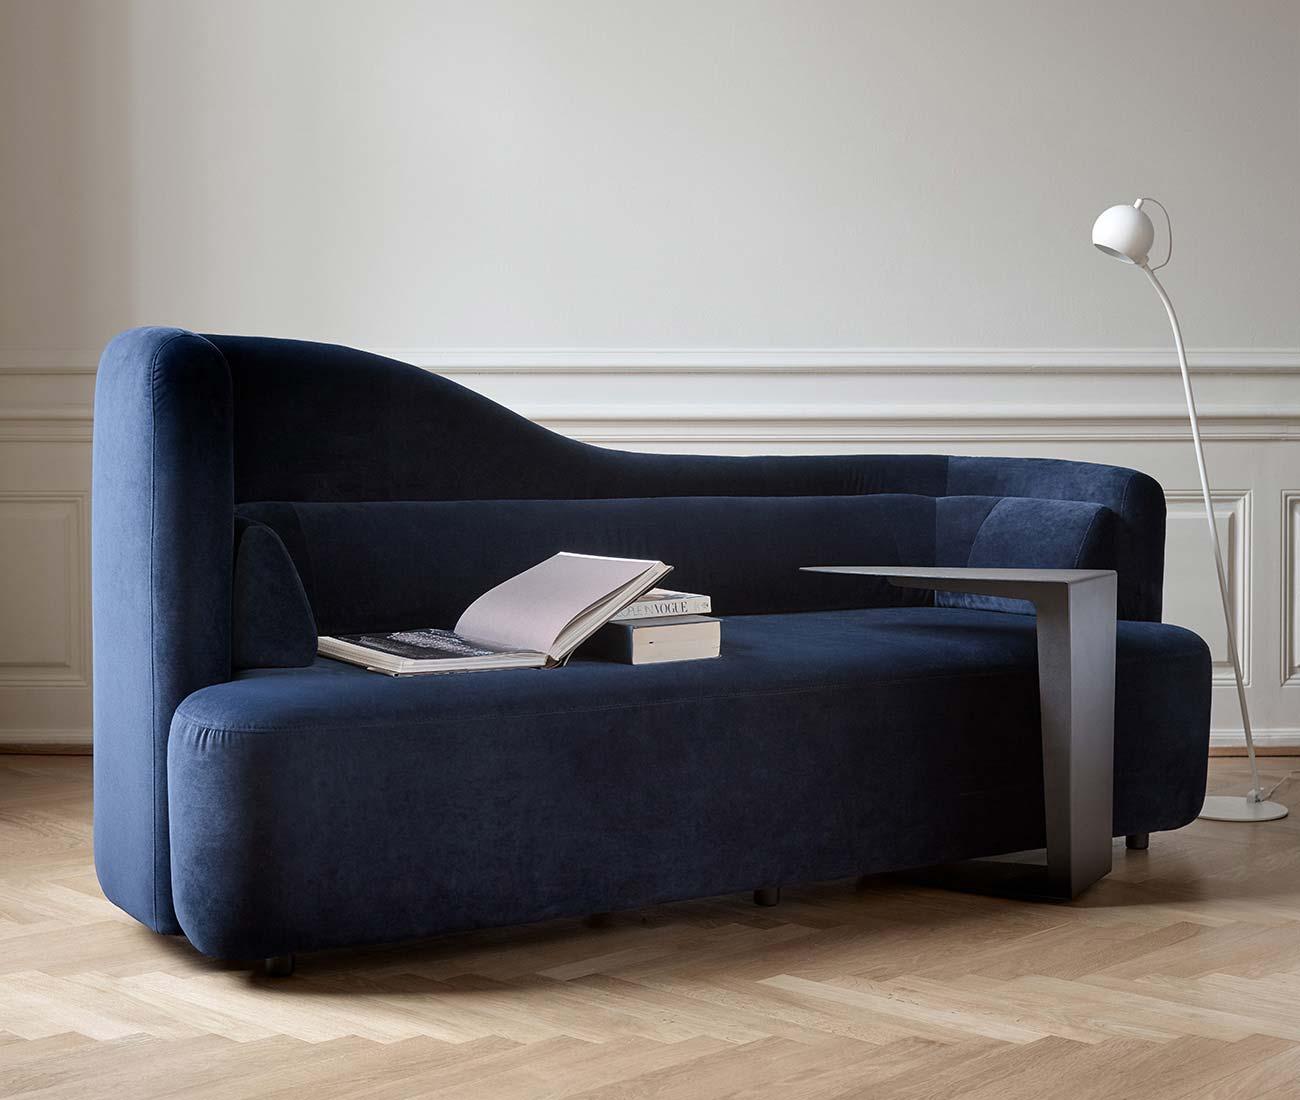 Icon sofa by Karim Rashid